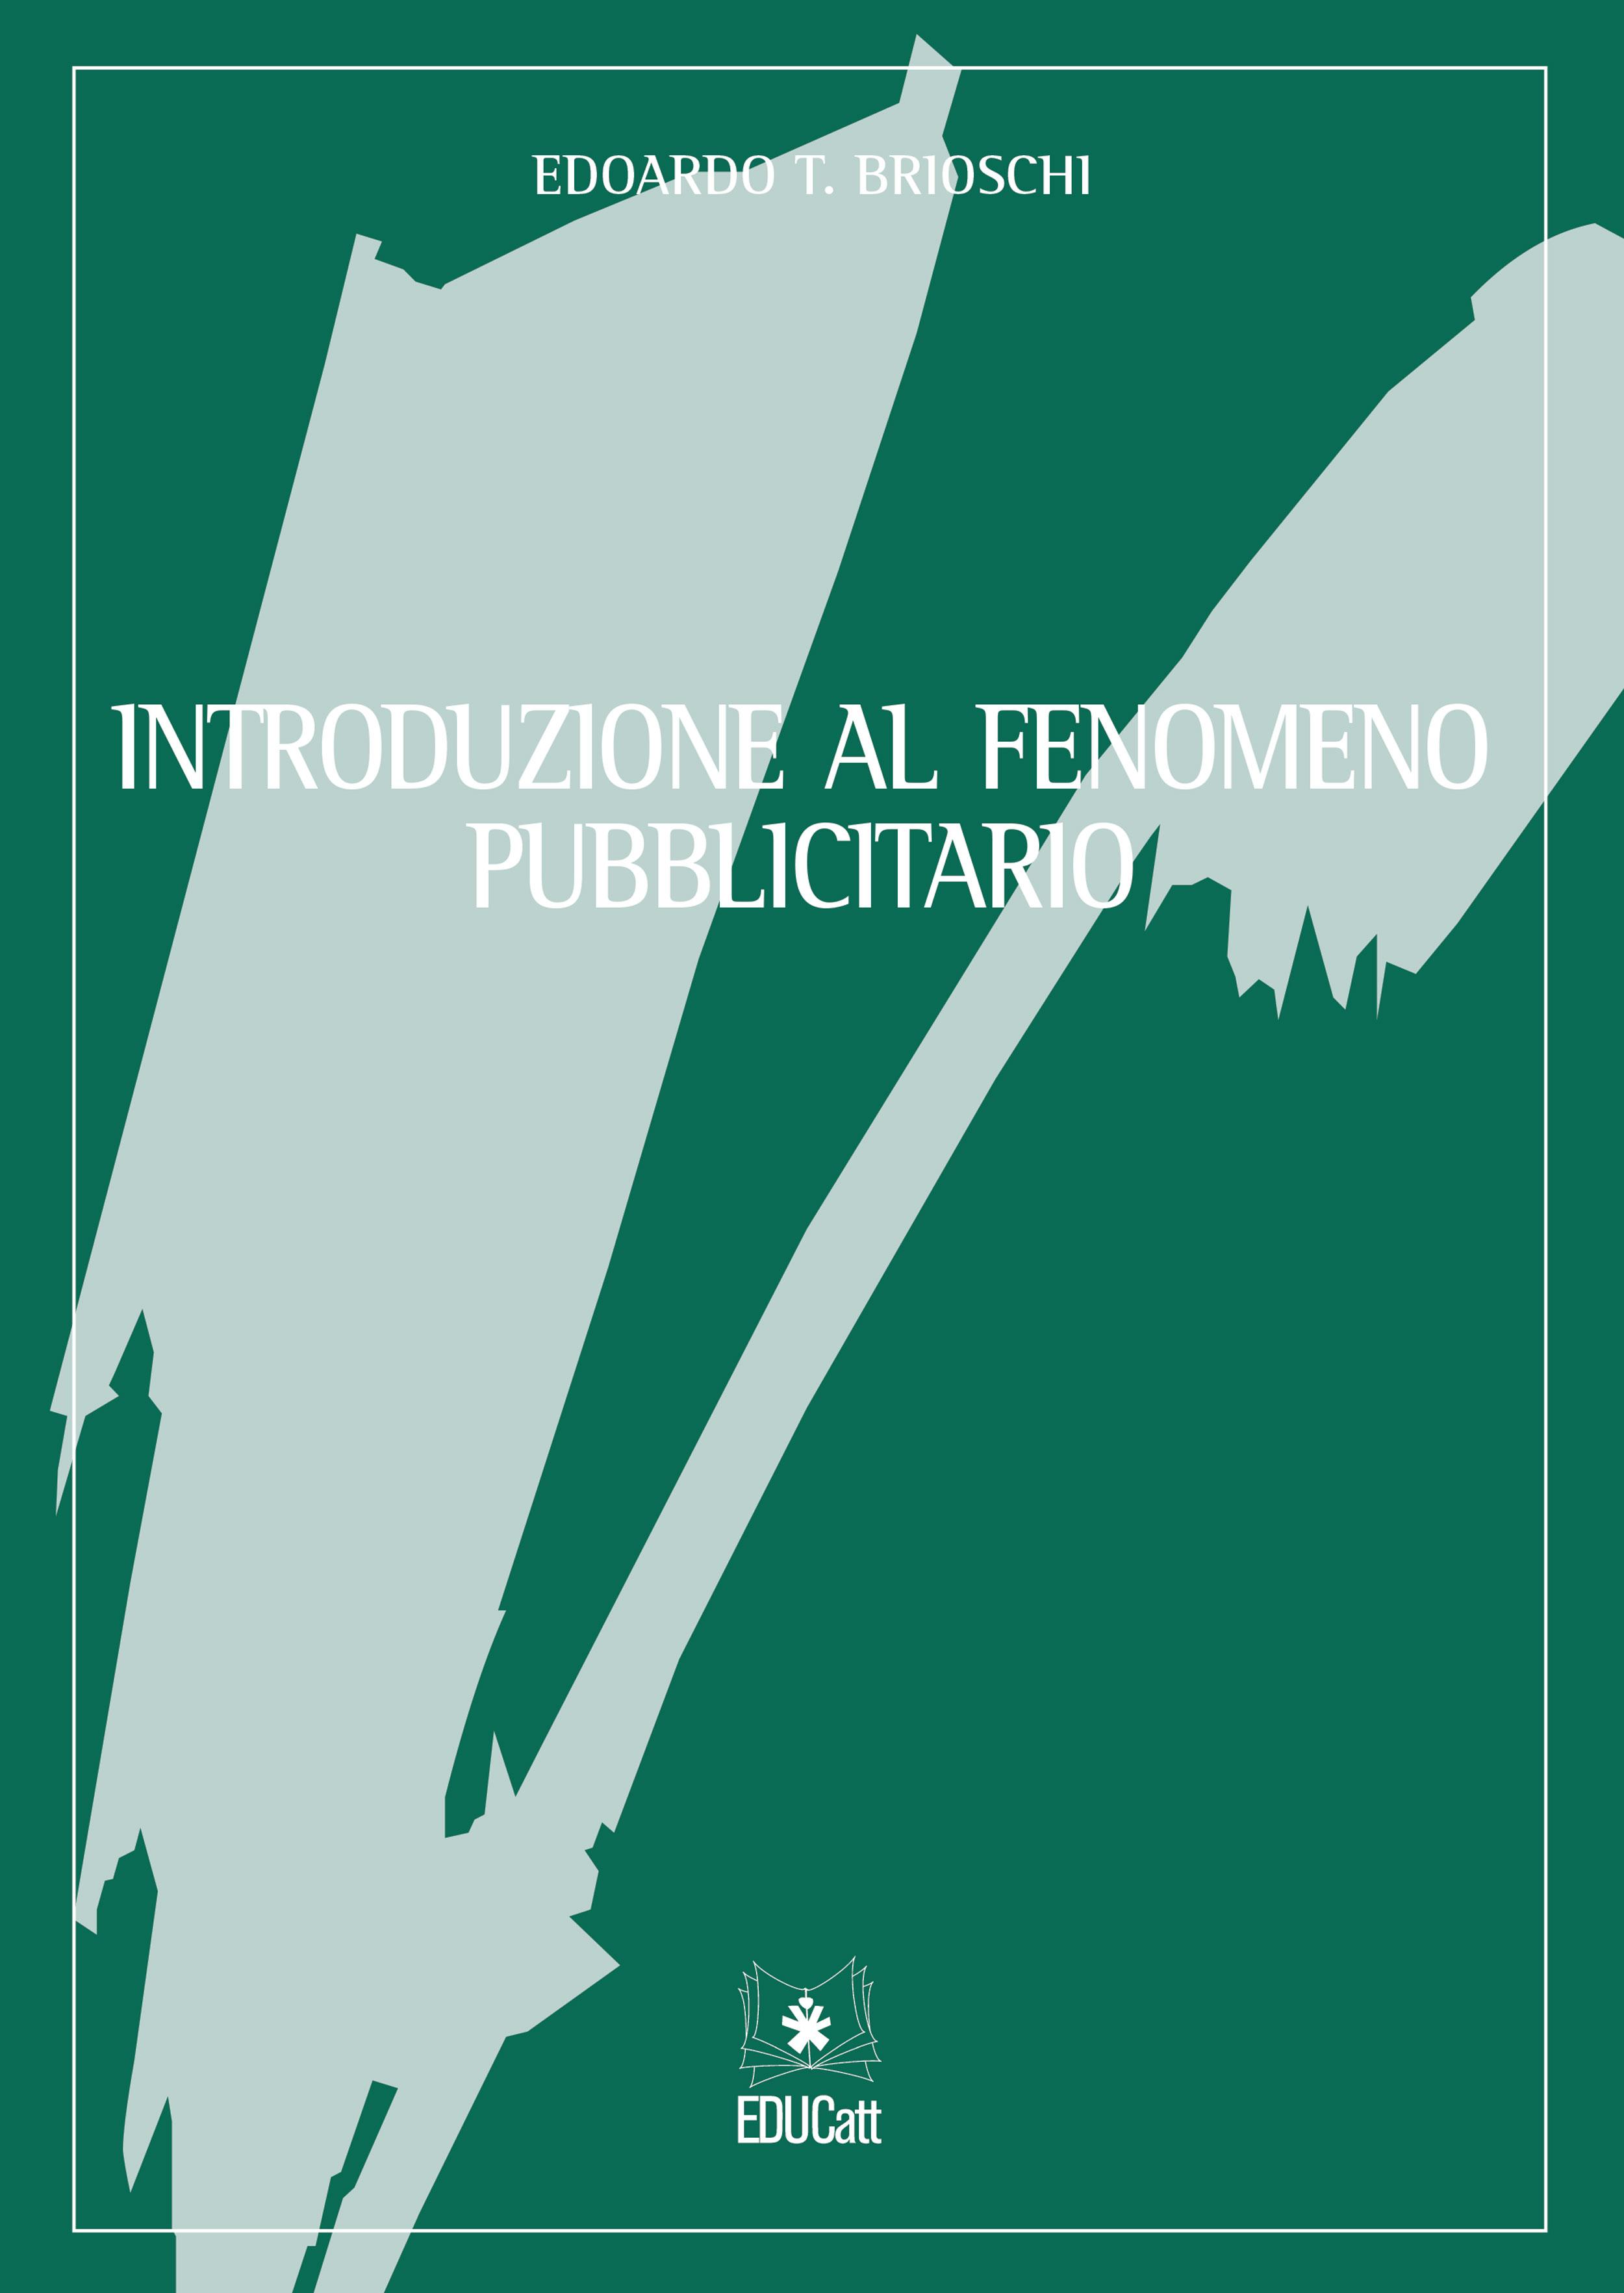 INTRODUZIONE AL FENOMENO PUBBLICITARIO